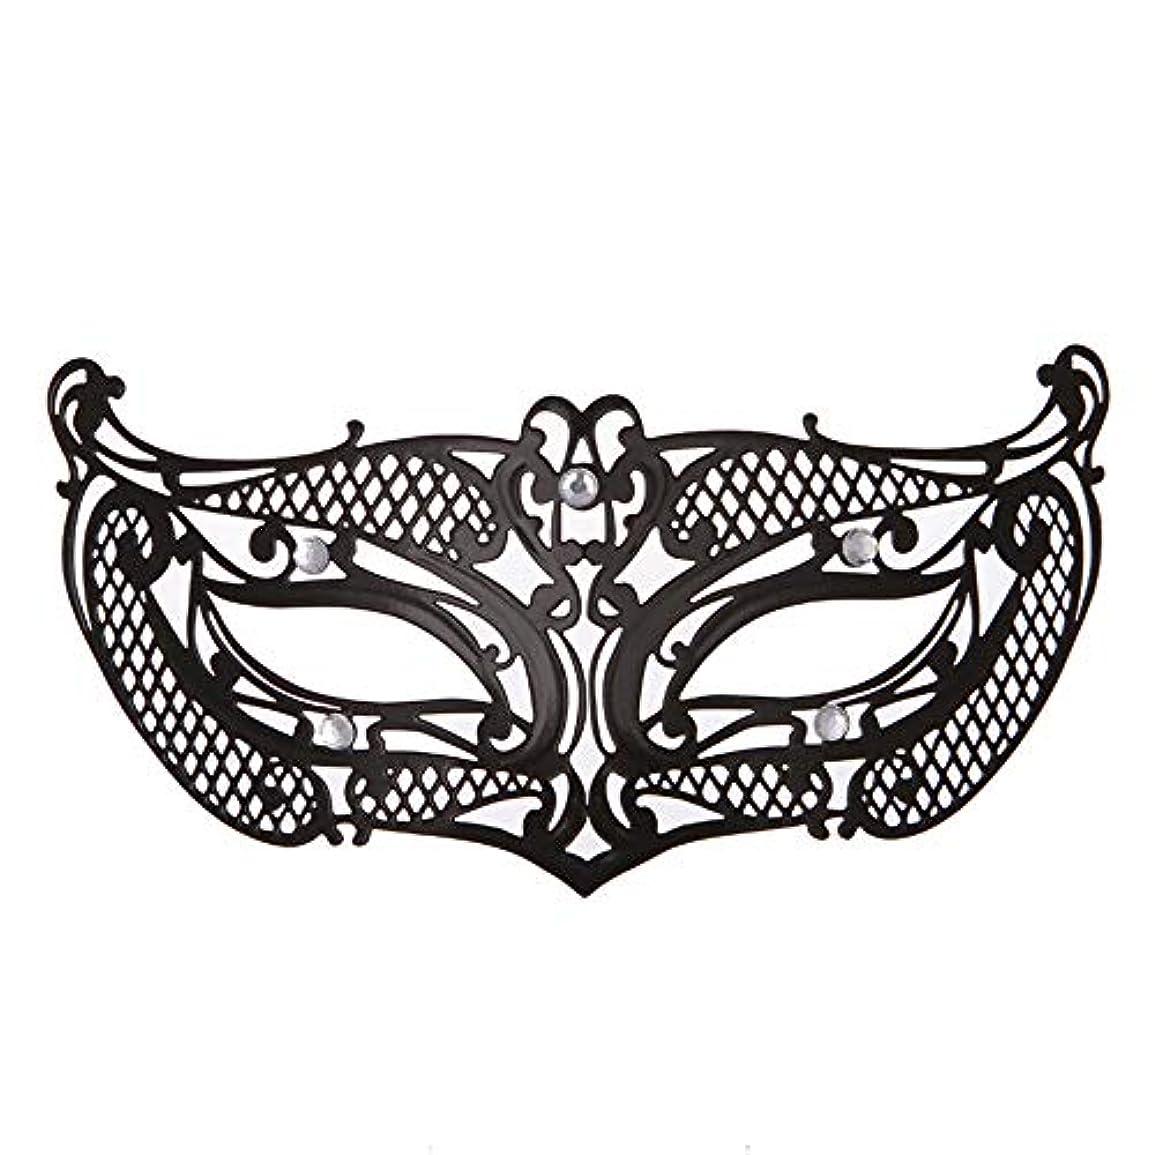 兄タンザニア占めるダンスマスク アイアンメタリックレースとダイヤモンドハーフマスクハロウィンダンスマスクナイトクラブボールマスクコスプレパーティーハロウィンマスク ホリデーパーティー用品 (色 : ブラック, サイズ : 19x8cm)